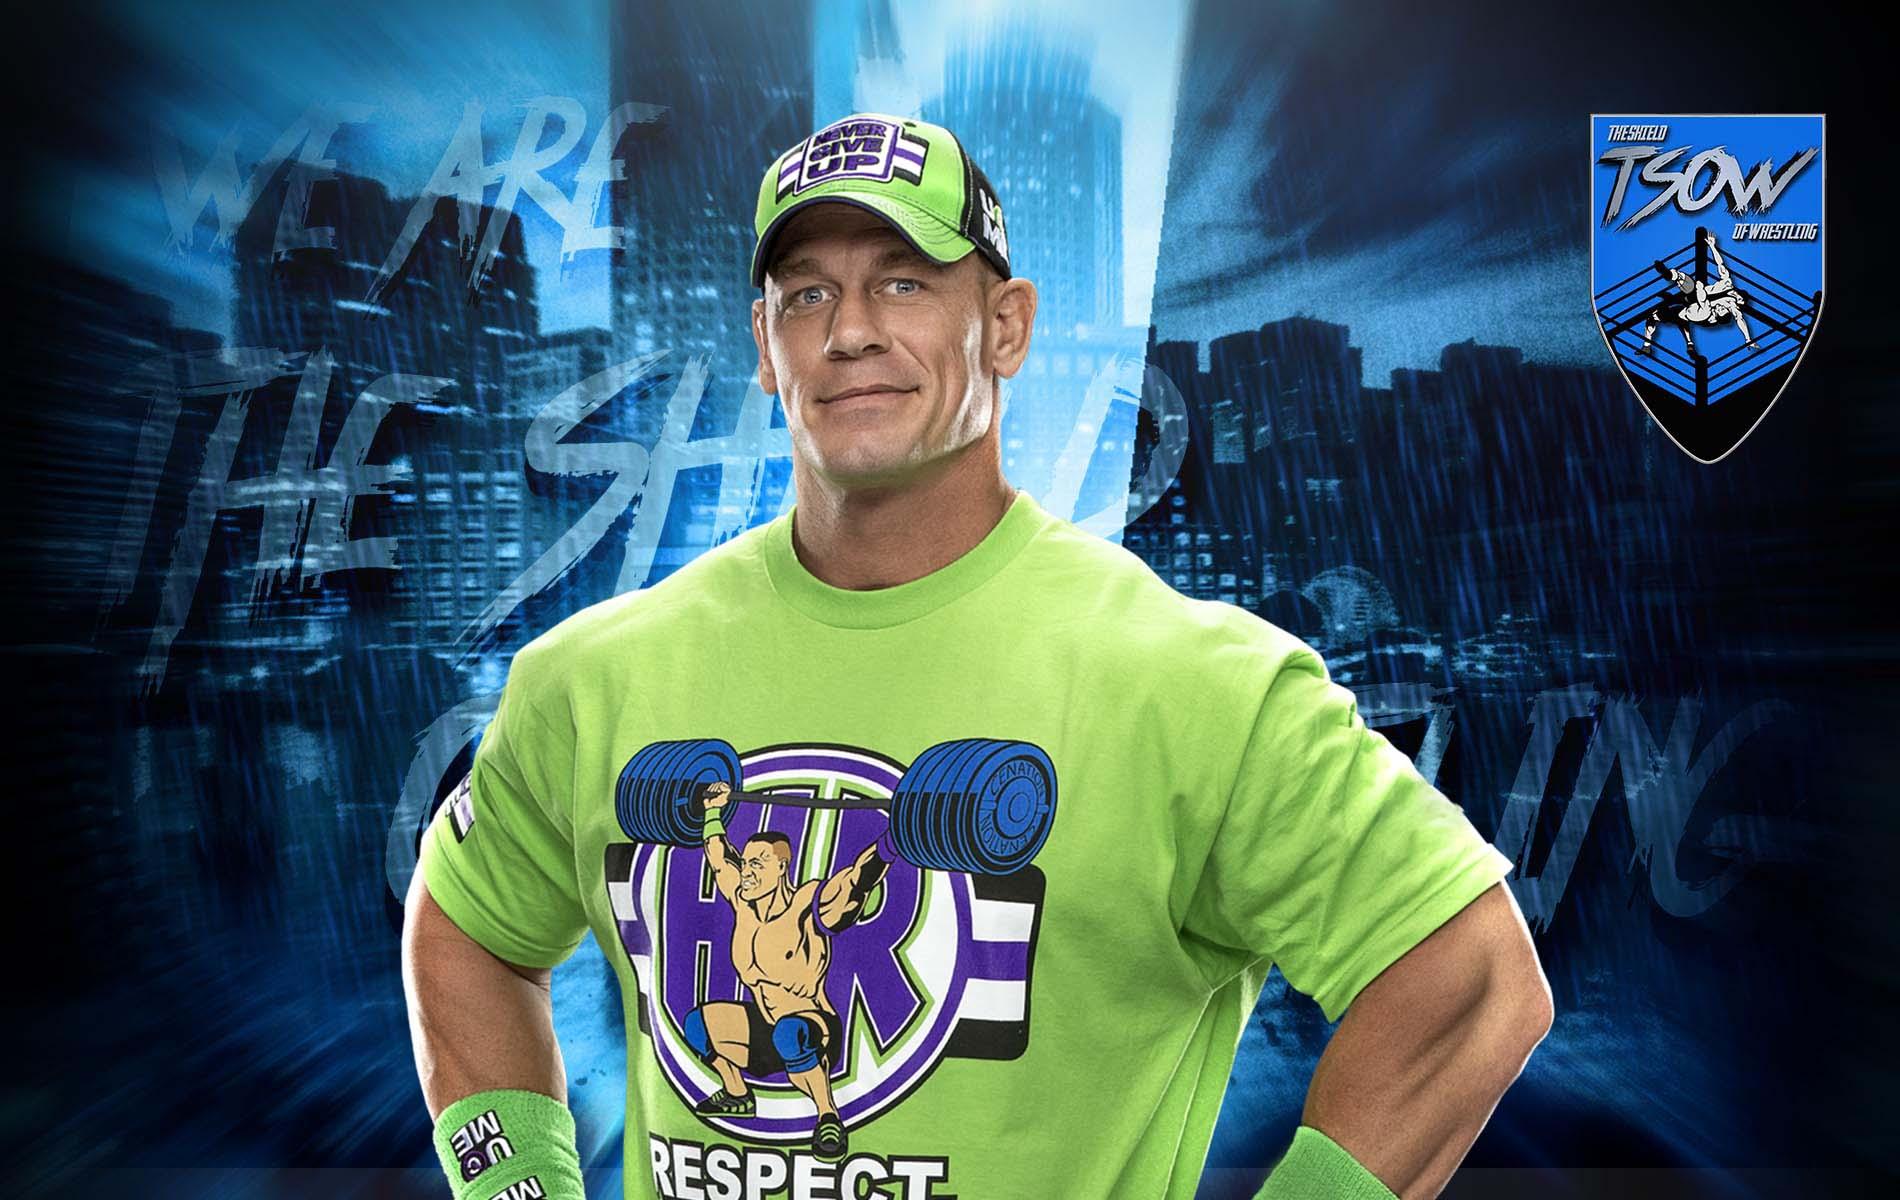 John Cena non era favorevole all'arrivo di Aj Styles in WWE